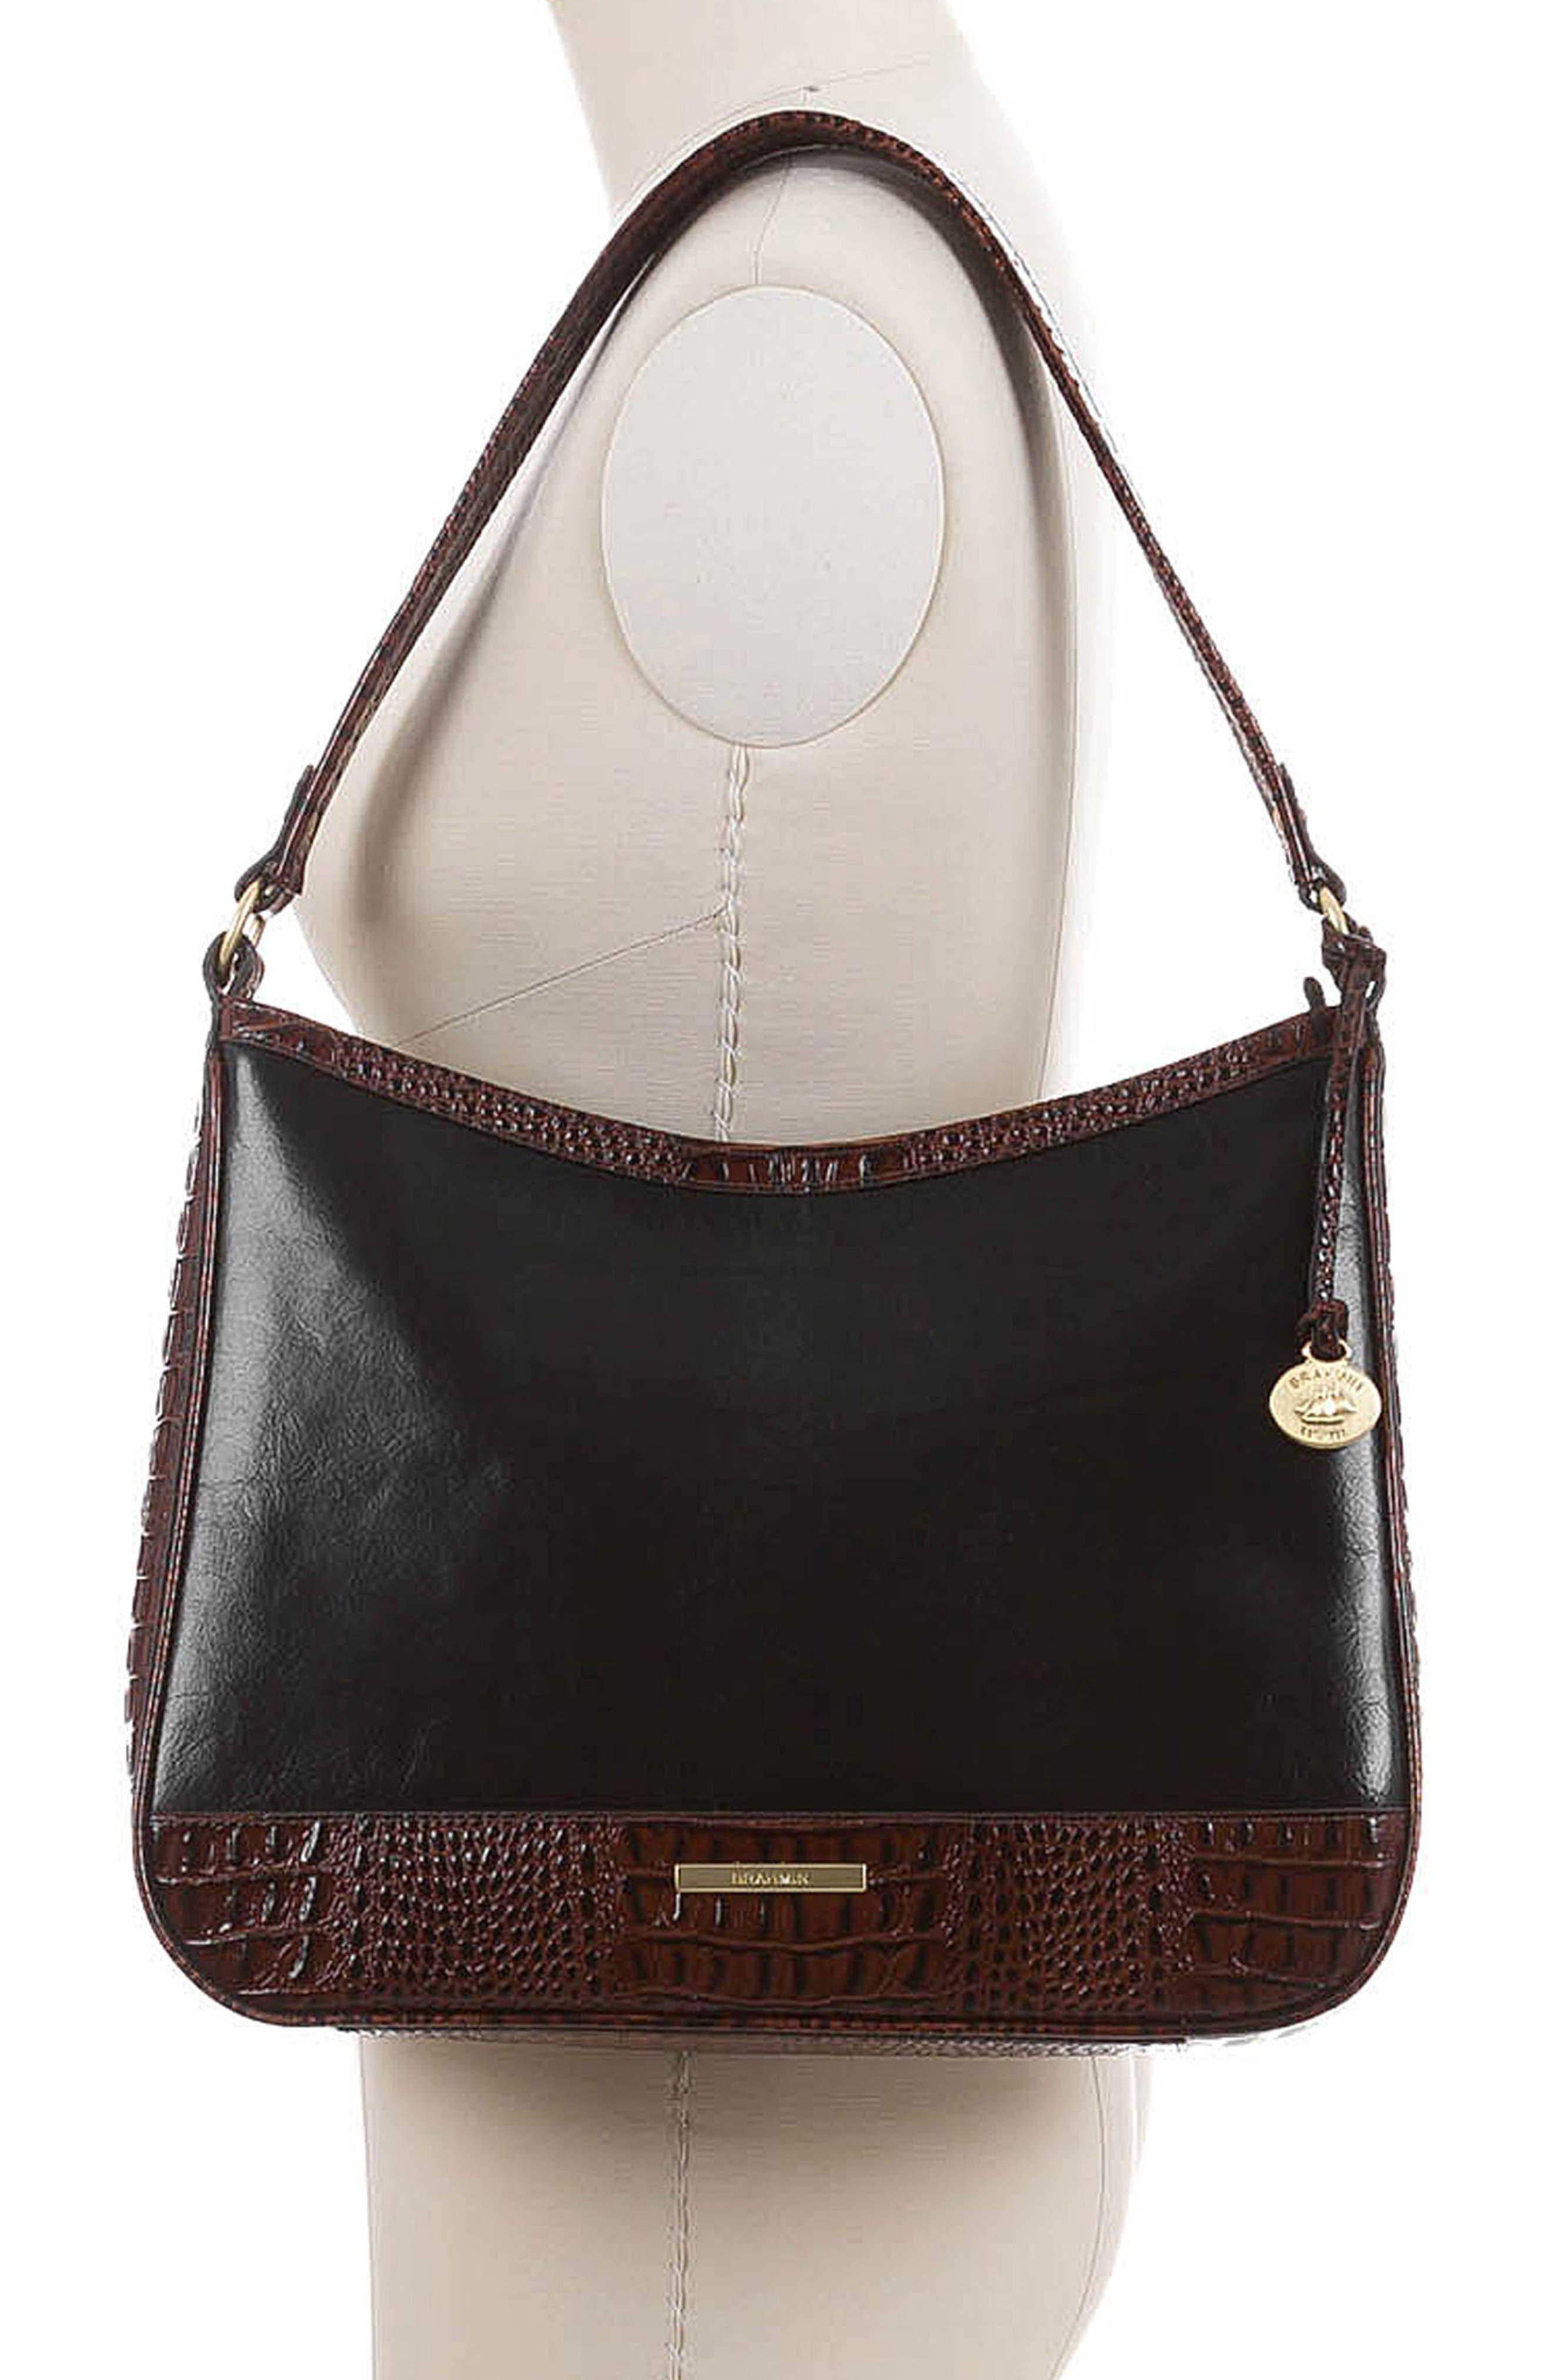 Noelle Leather Hobo Bag,                             Alternate thumbnail 2, color,                             Black